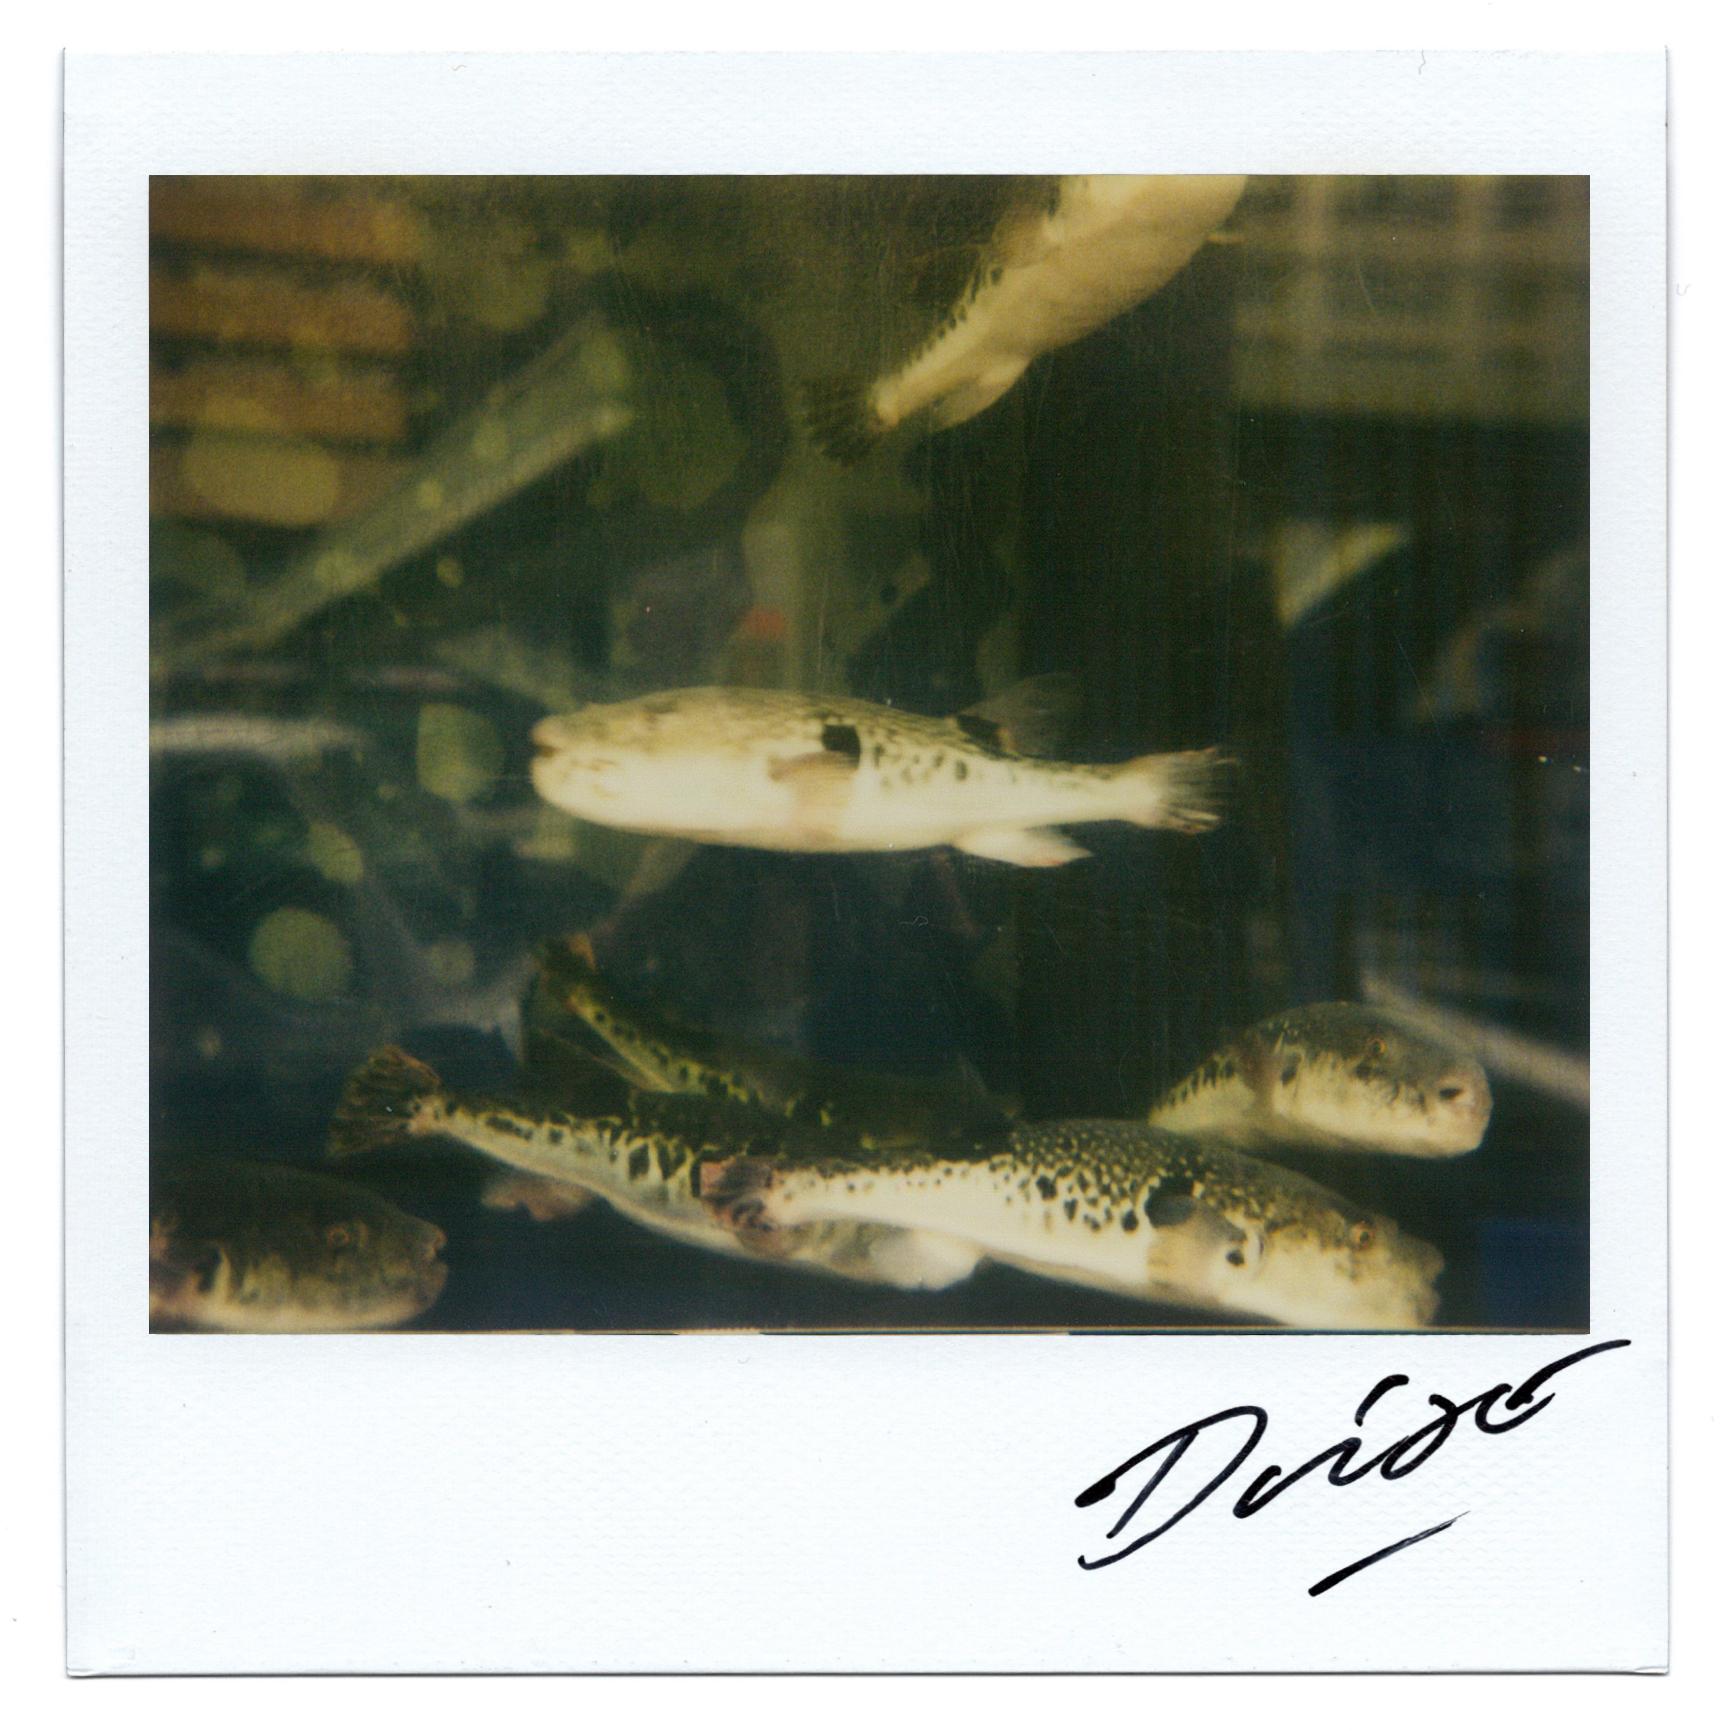 Moriyama Daido, bye-bye polaroid, 2008, Polaroid, 10 x 10 cm12